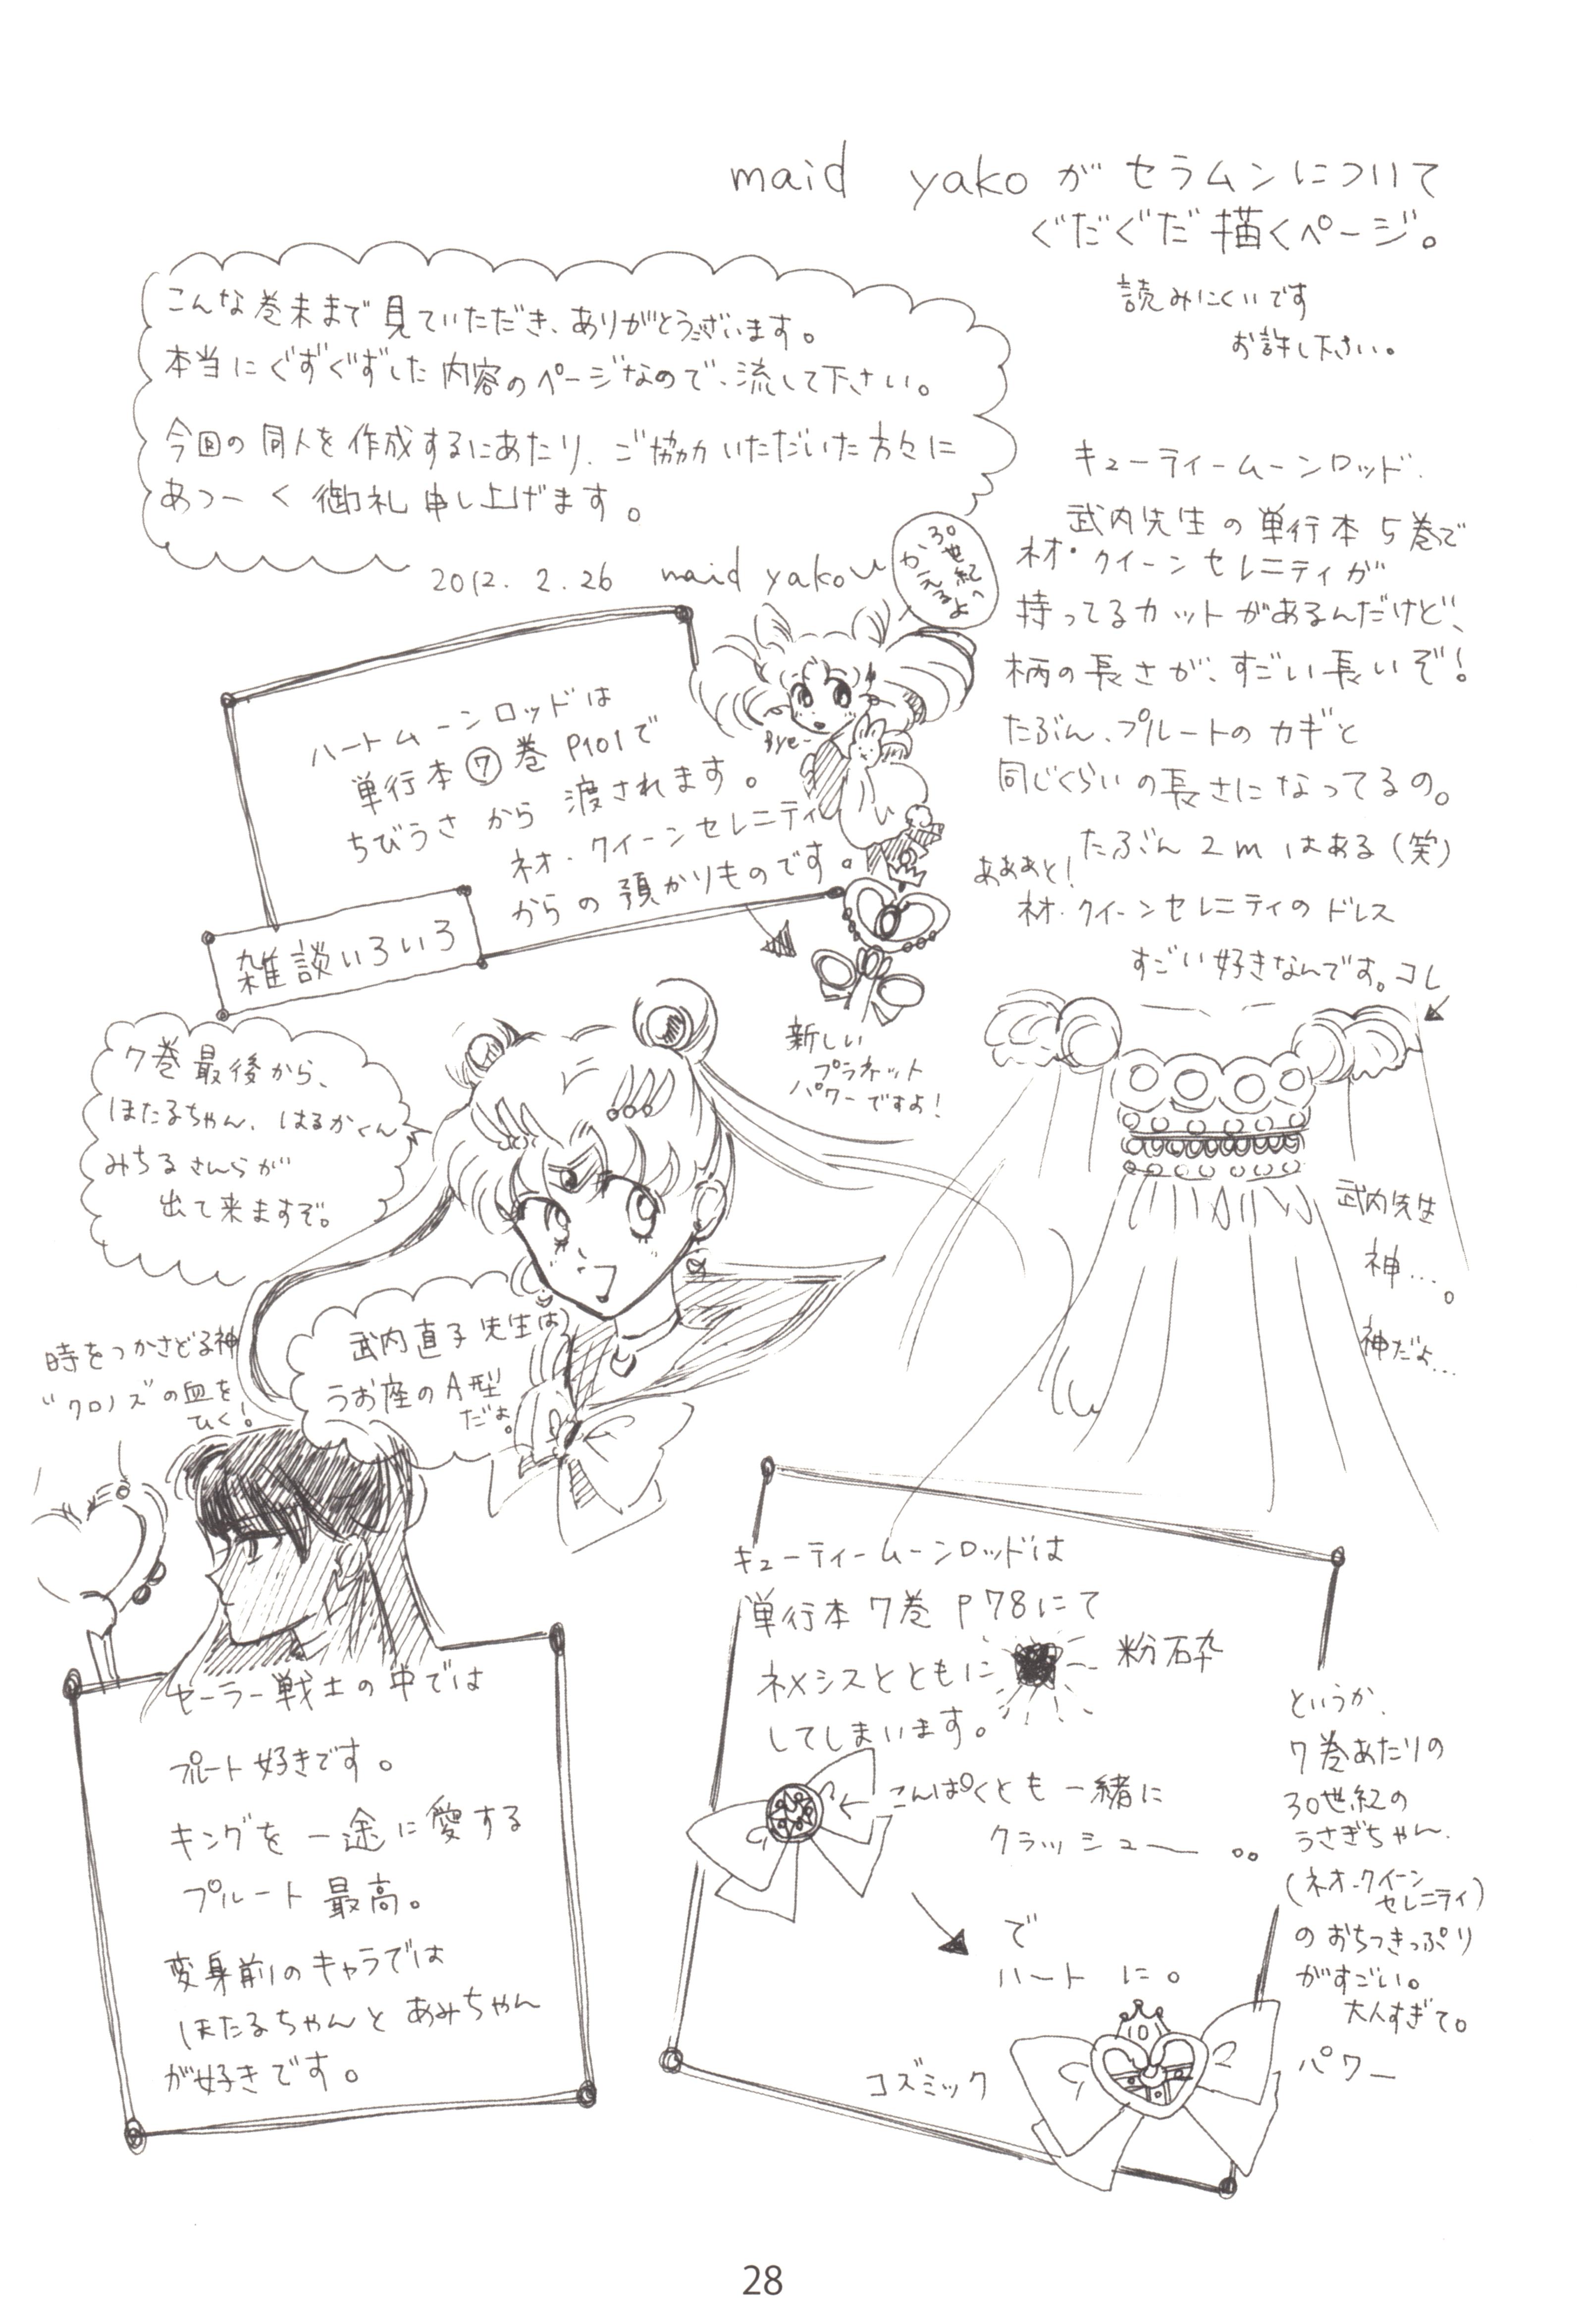 Senshi-no-tsue-29